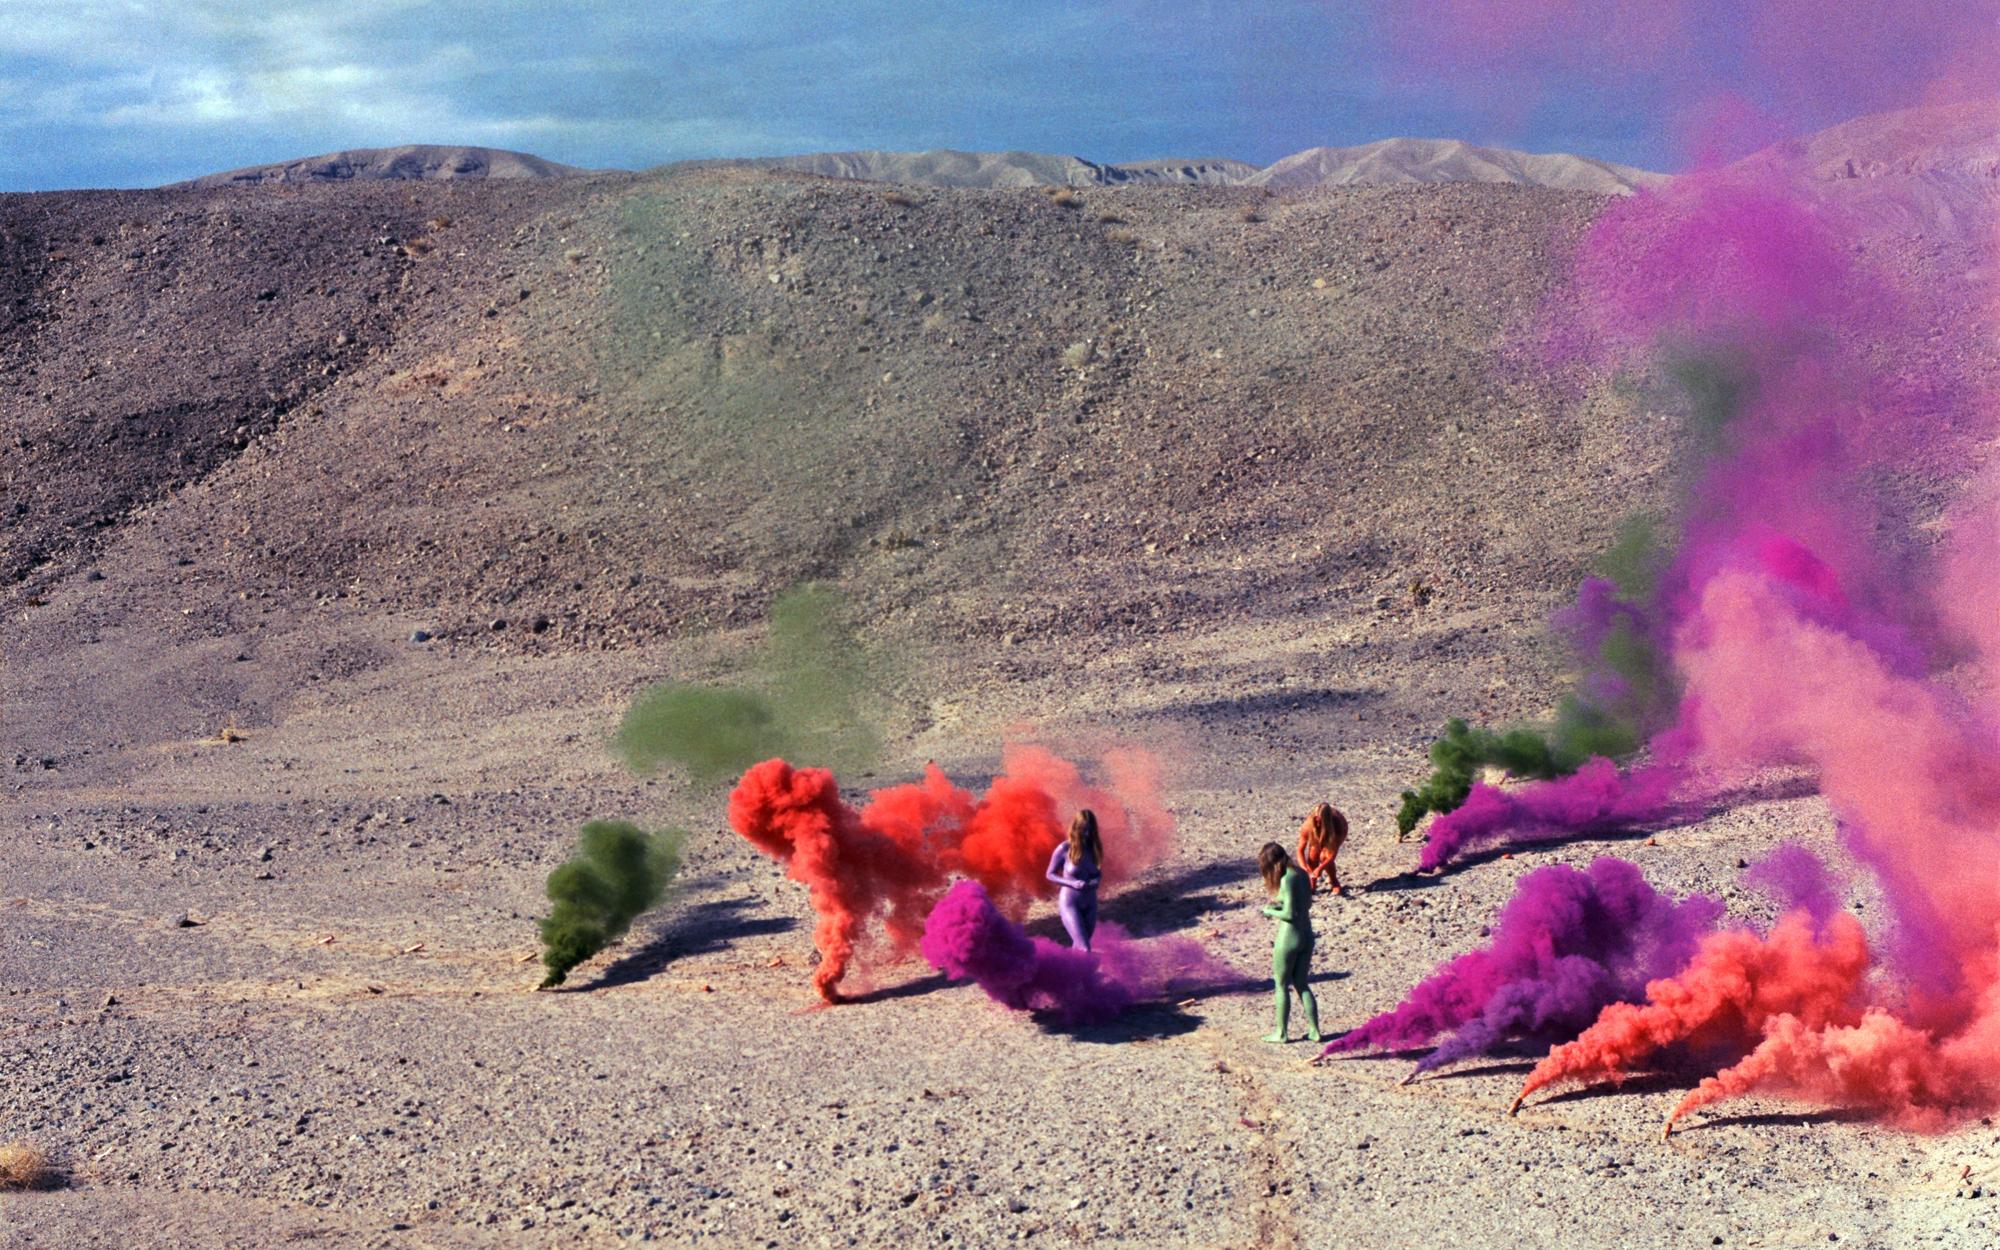 La artista radical Judy Chicago diseñará el escenario del próximo desfile AW20 de Dior, 'The Female Divine'